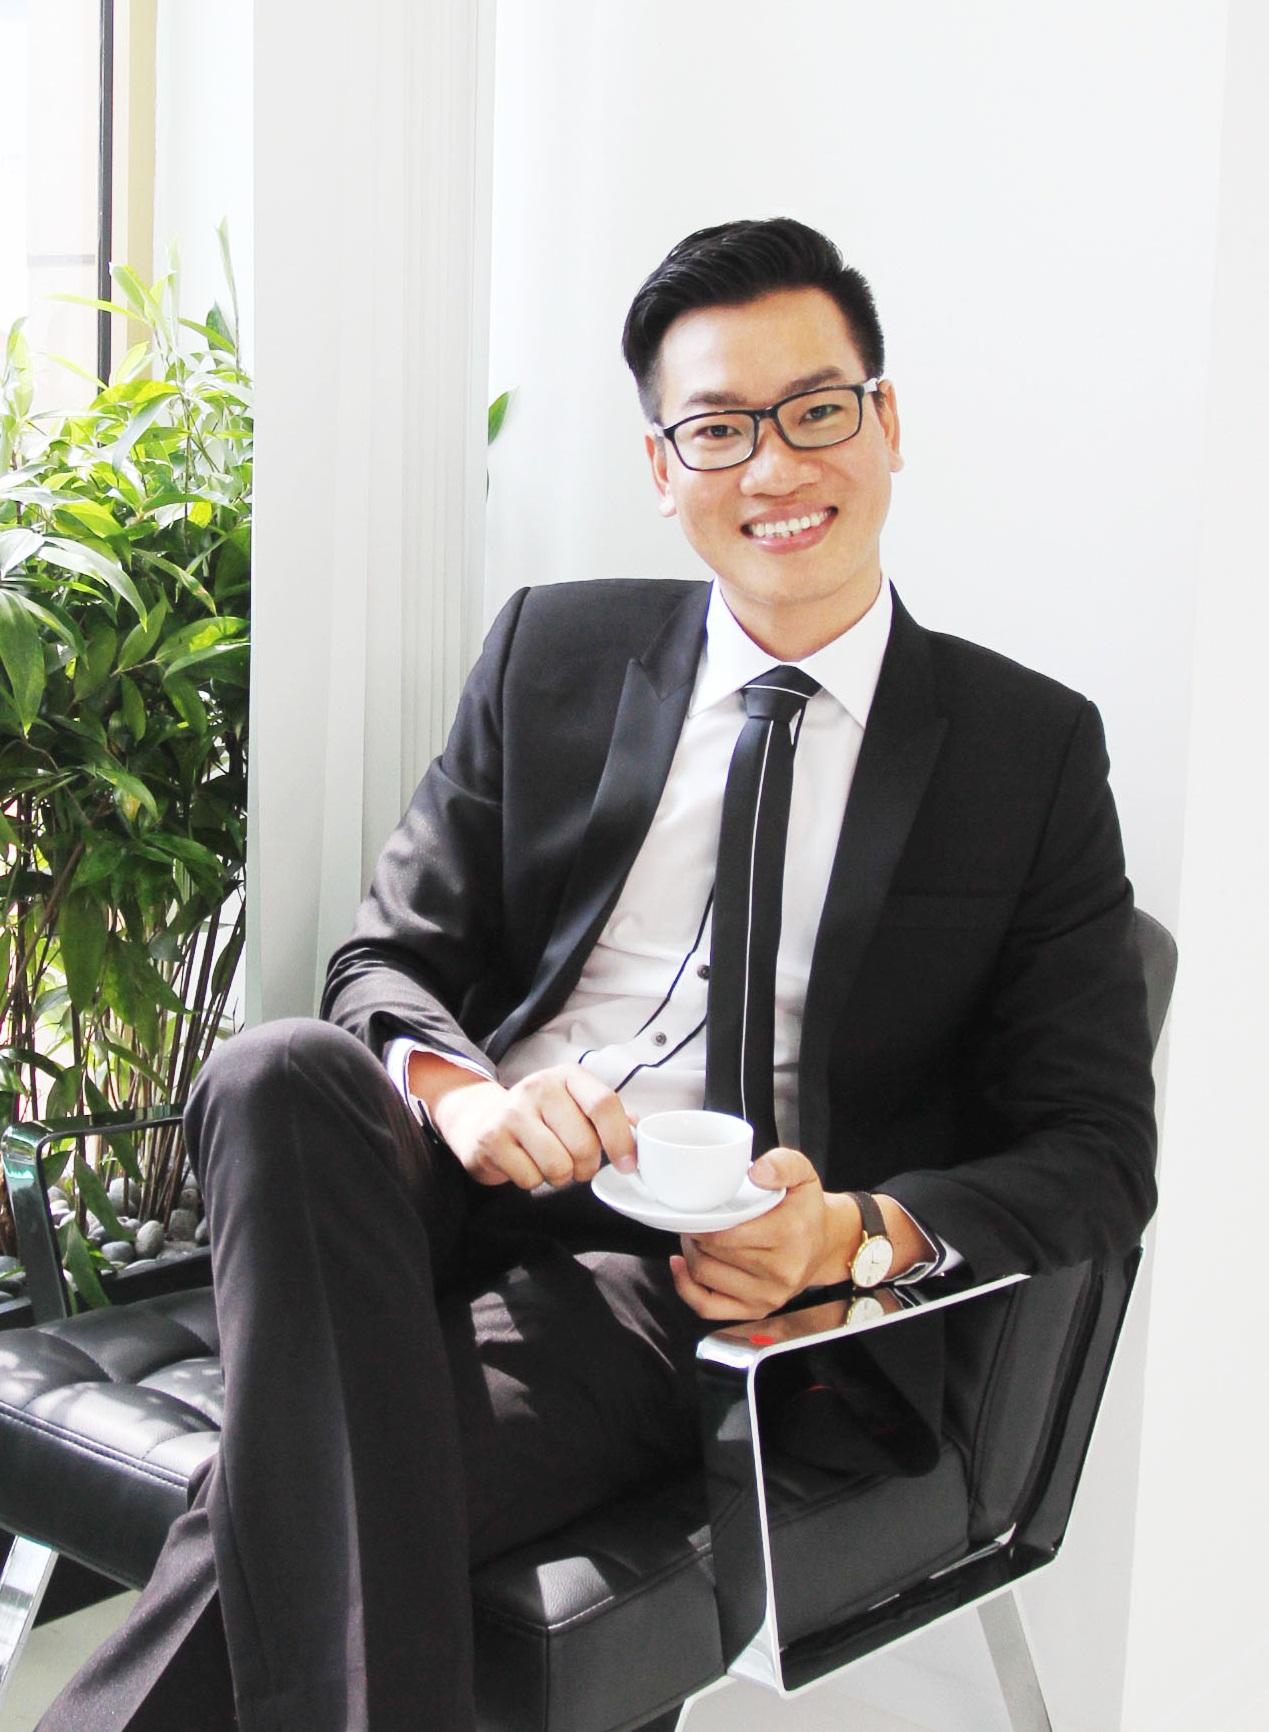 Luật sư Nguyễn Hoàng Trung Hiếu